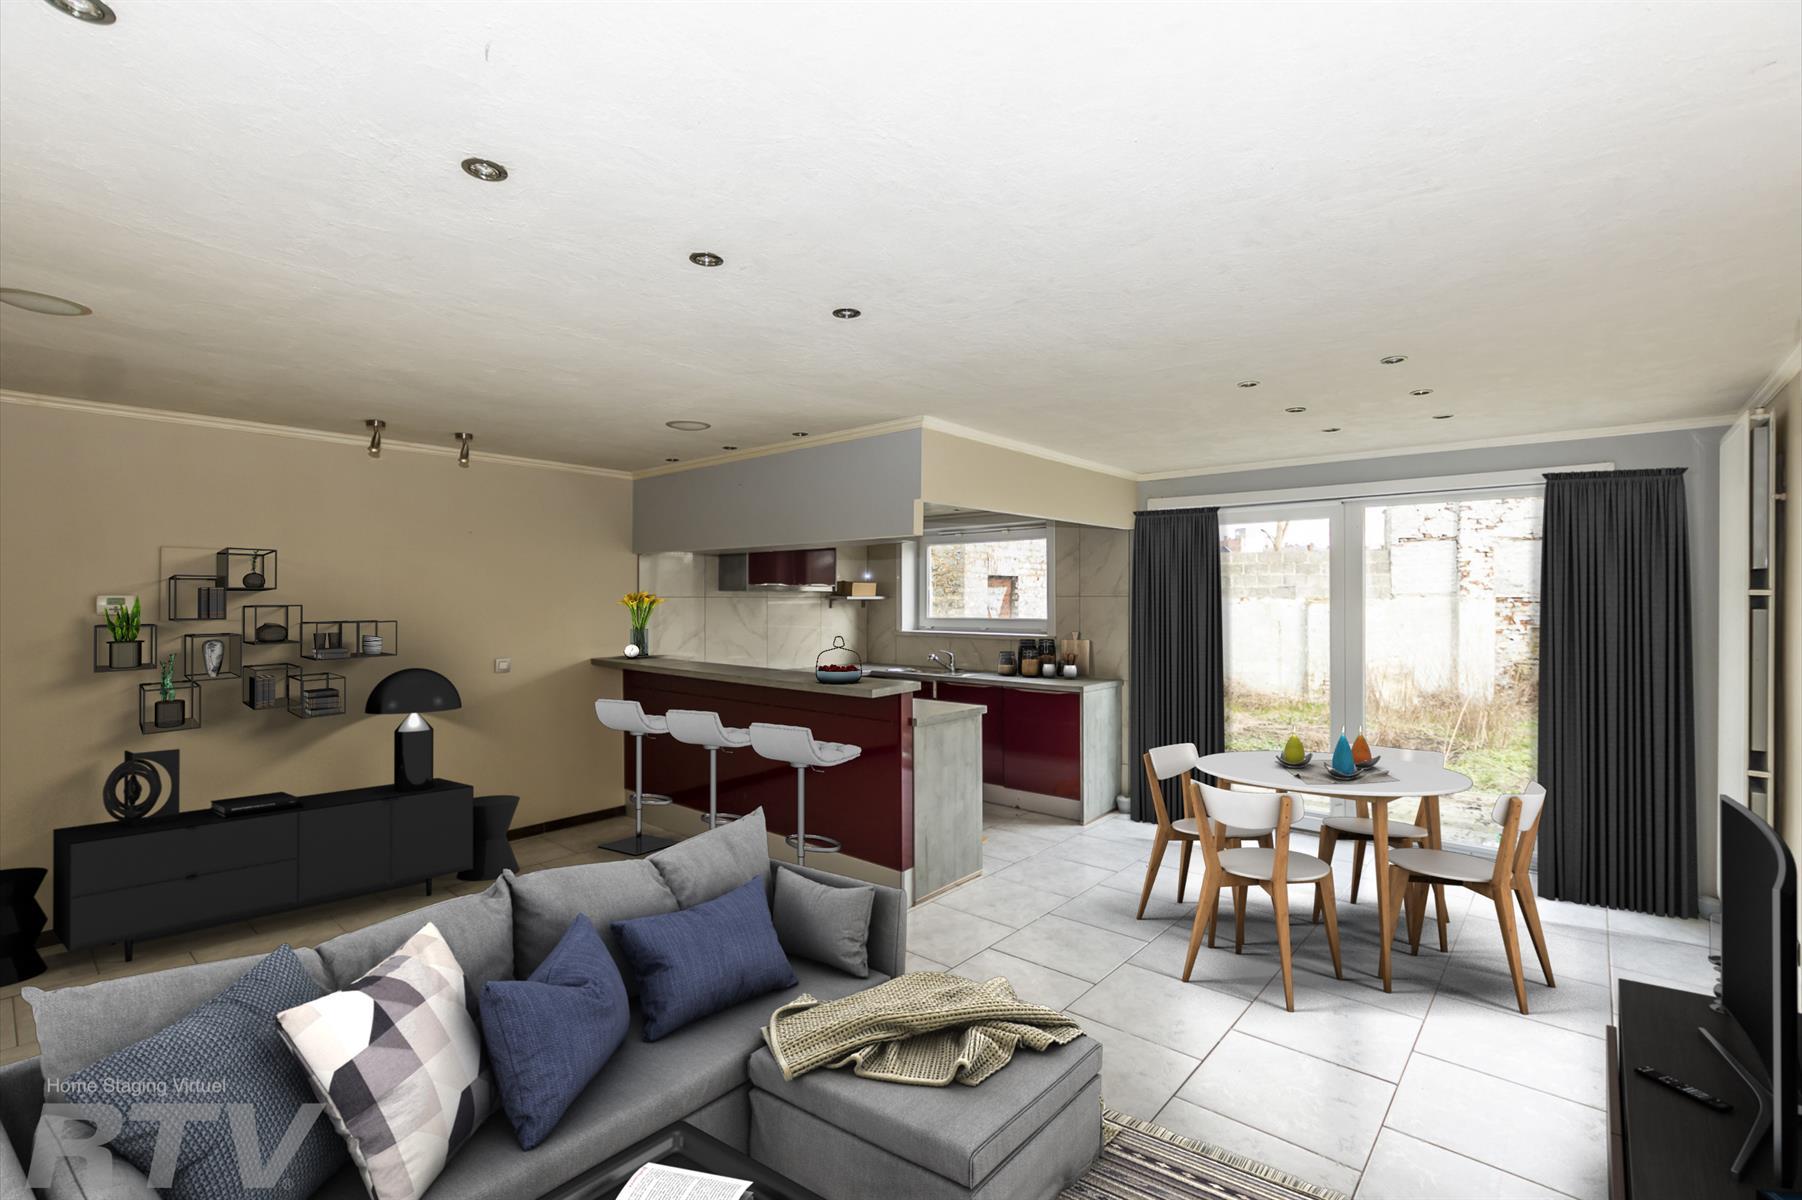 Spacieux appartement 3 chambres avec terrasse et jardin à découvrir !!.